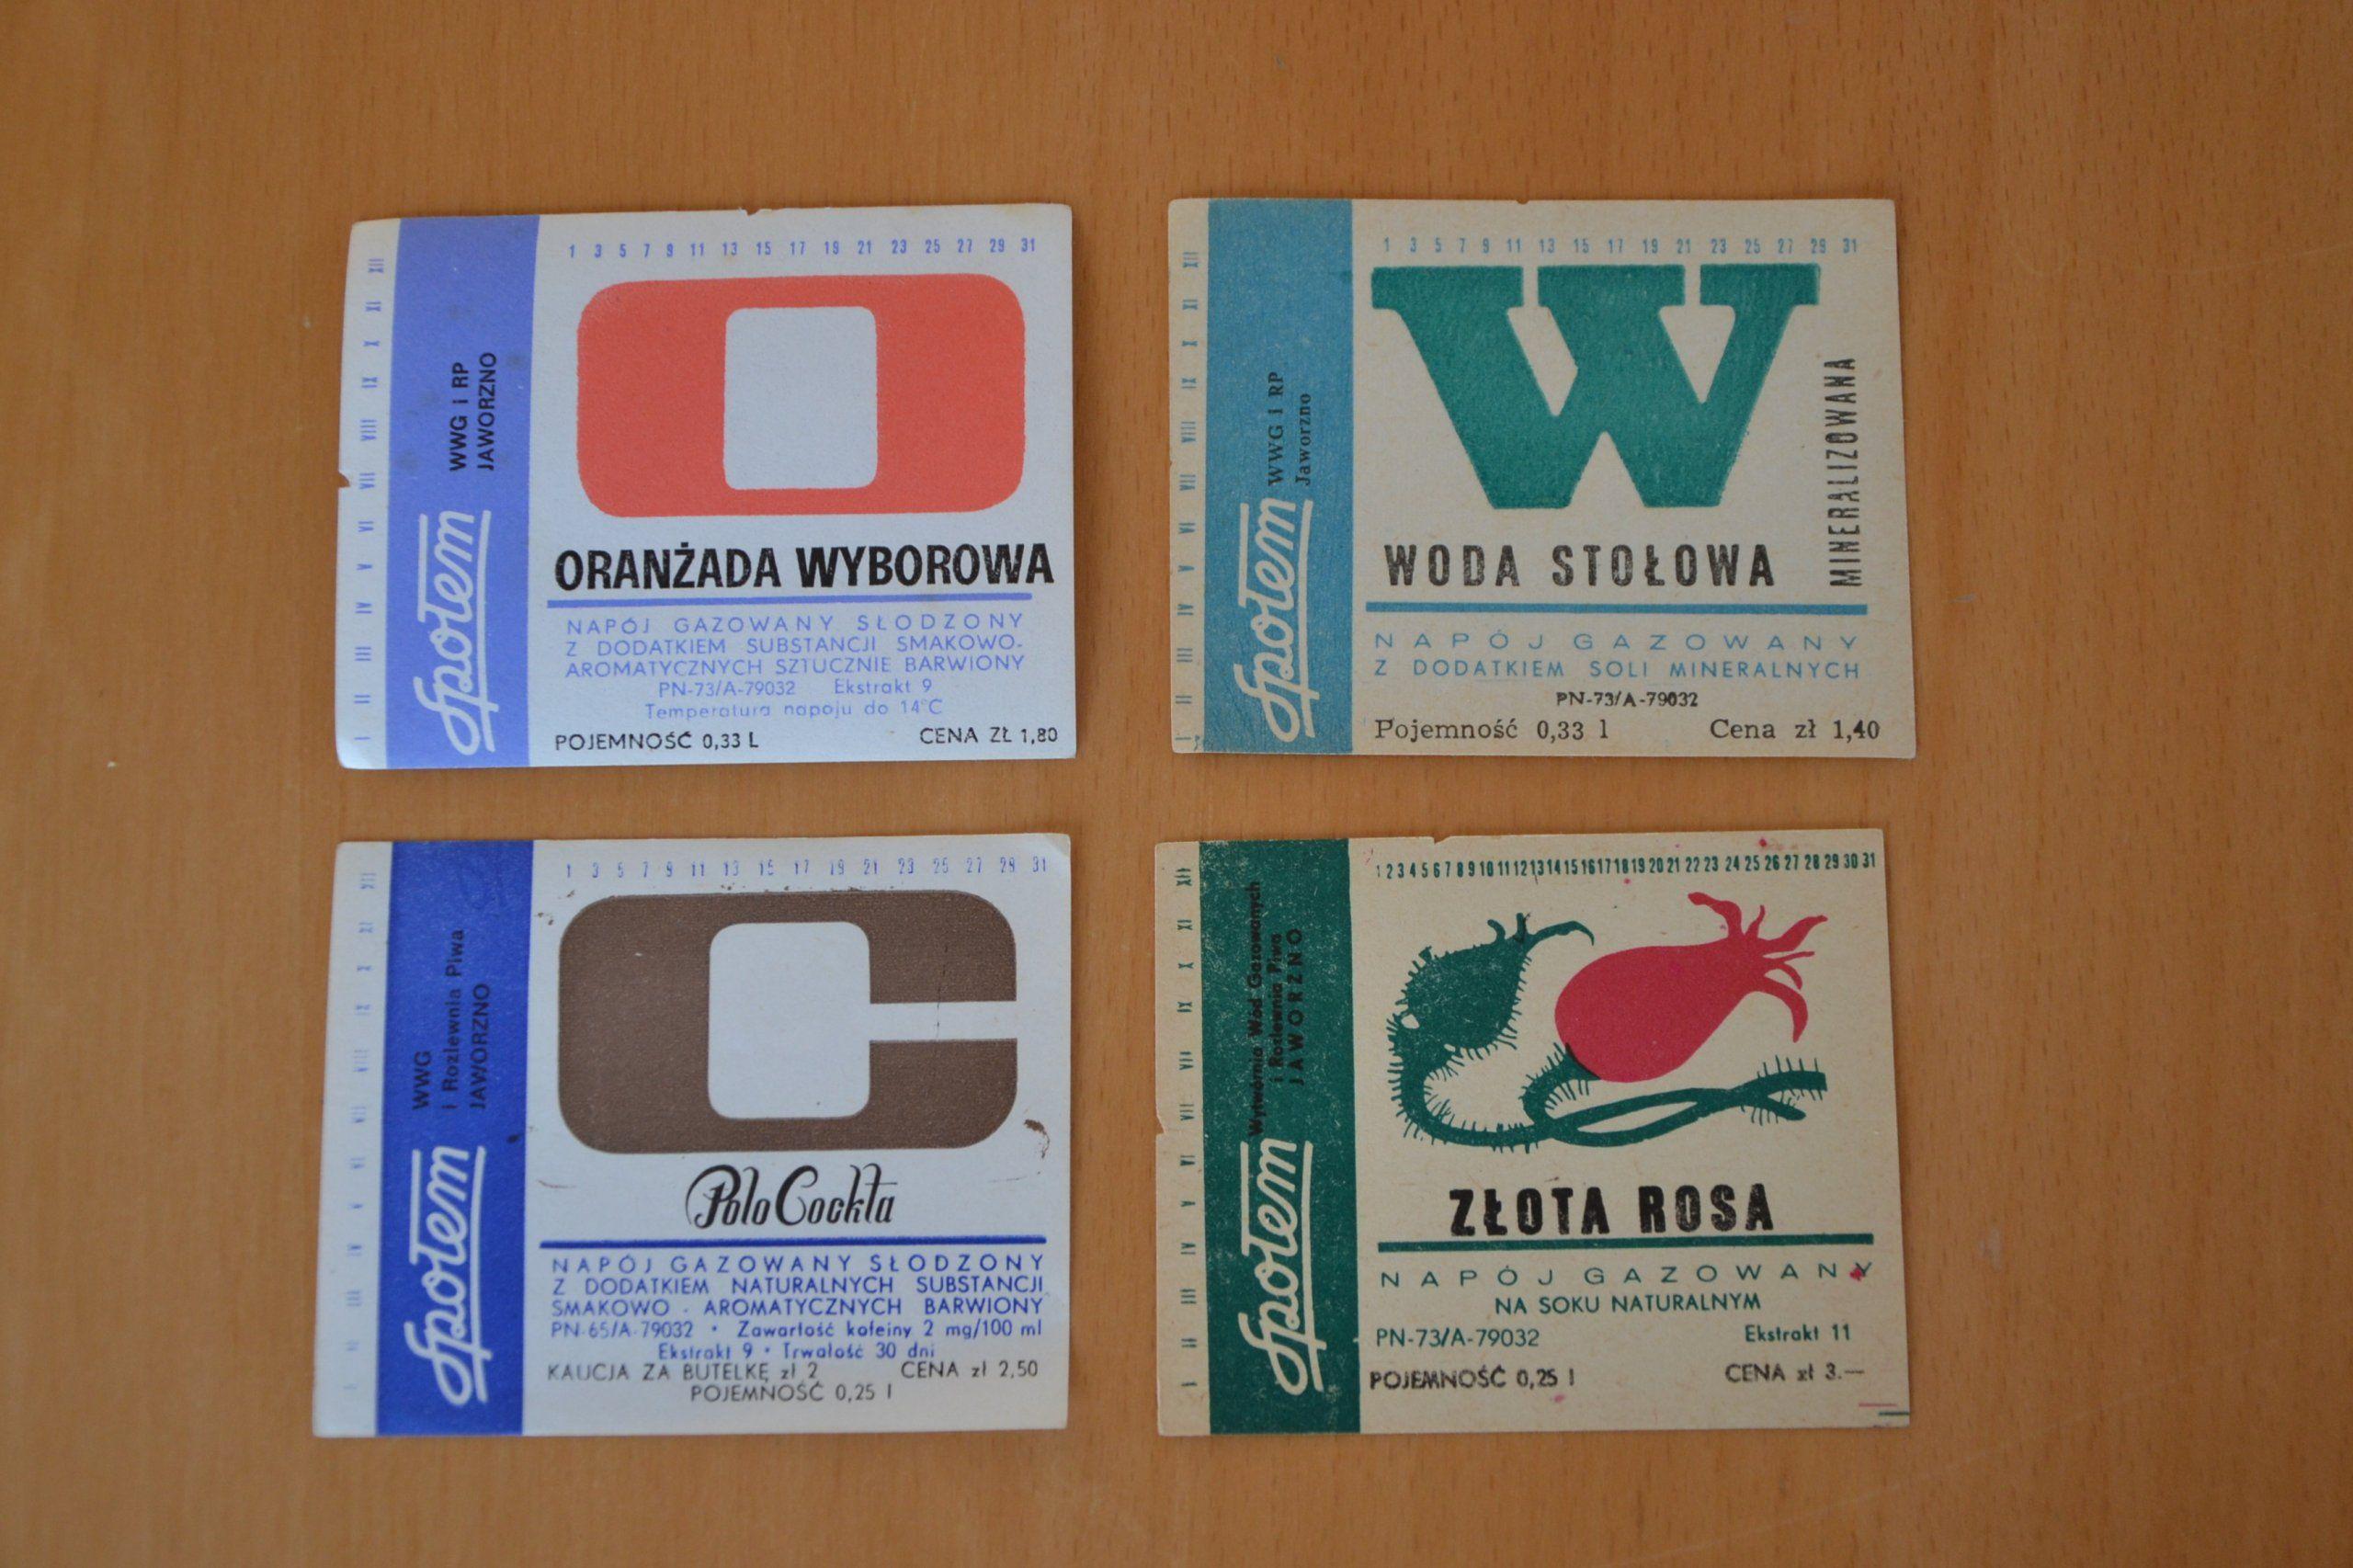 Etykiety Na Butelke Oranzada Polo Cockta Woda M 7352843901 Oficjalne Archiwum Allegro Drinks Ads